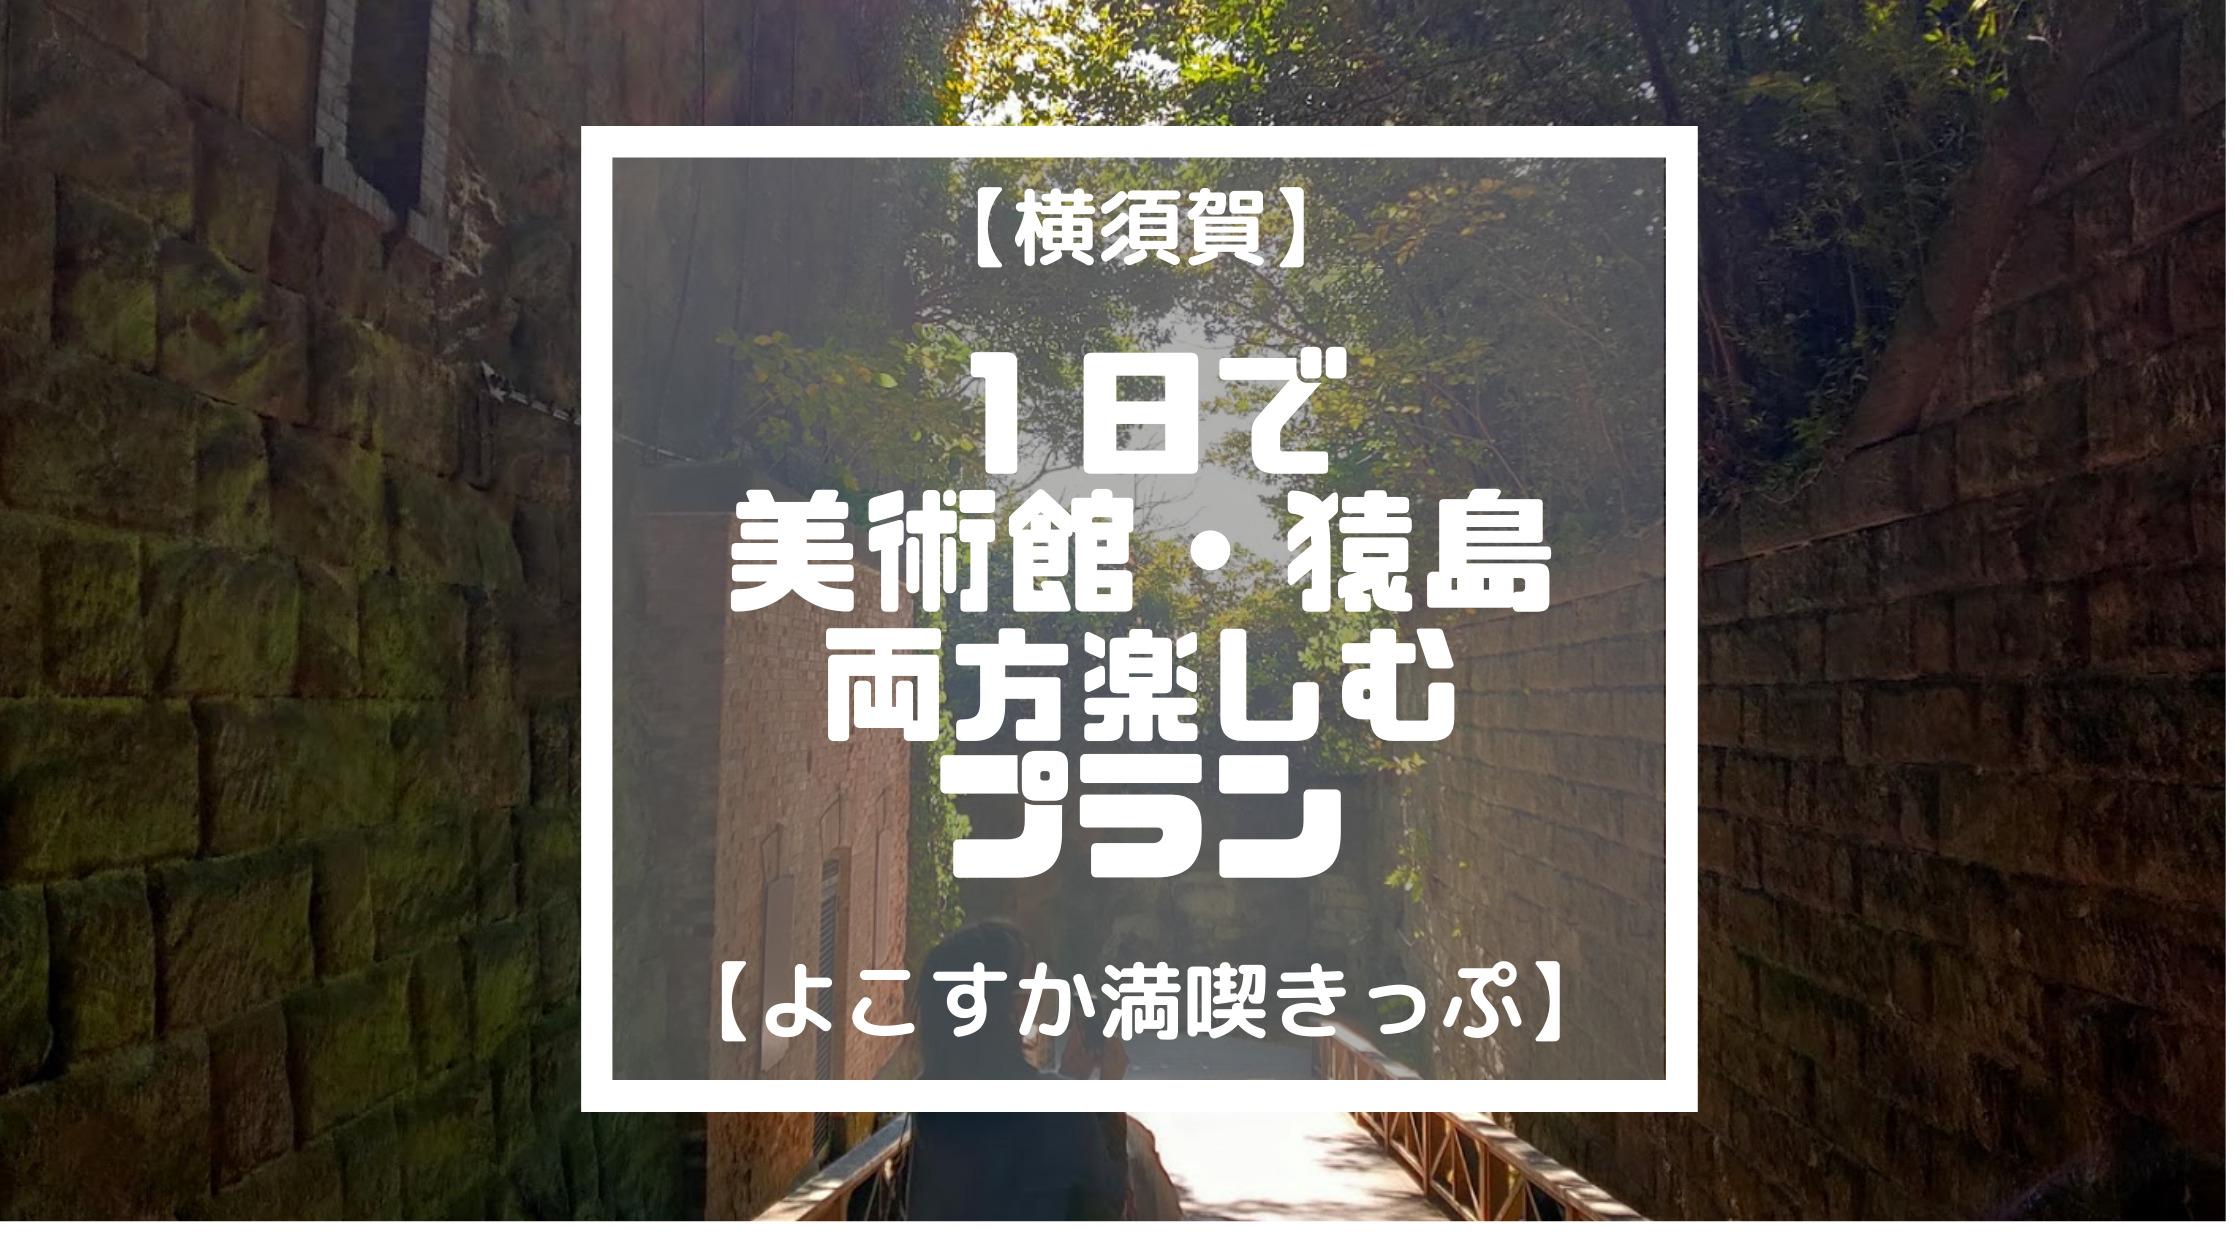 【横須賀】1日で 美術館・猿島 両方楽しむ プラン【よこすか満喫きっぷ】